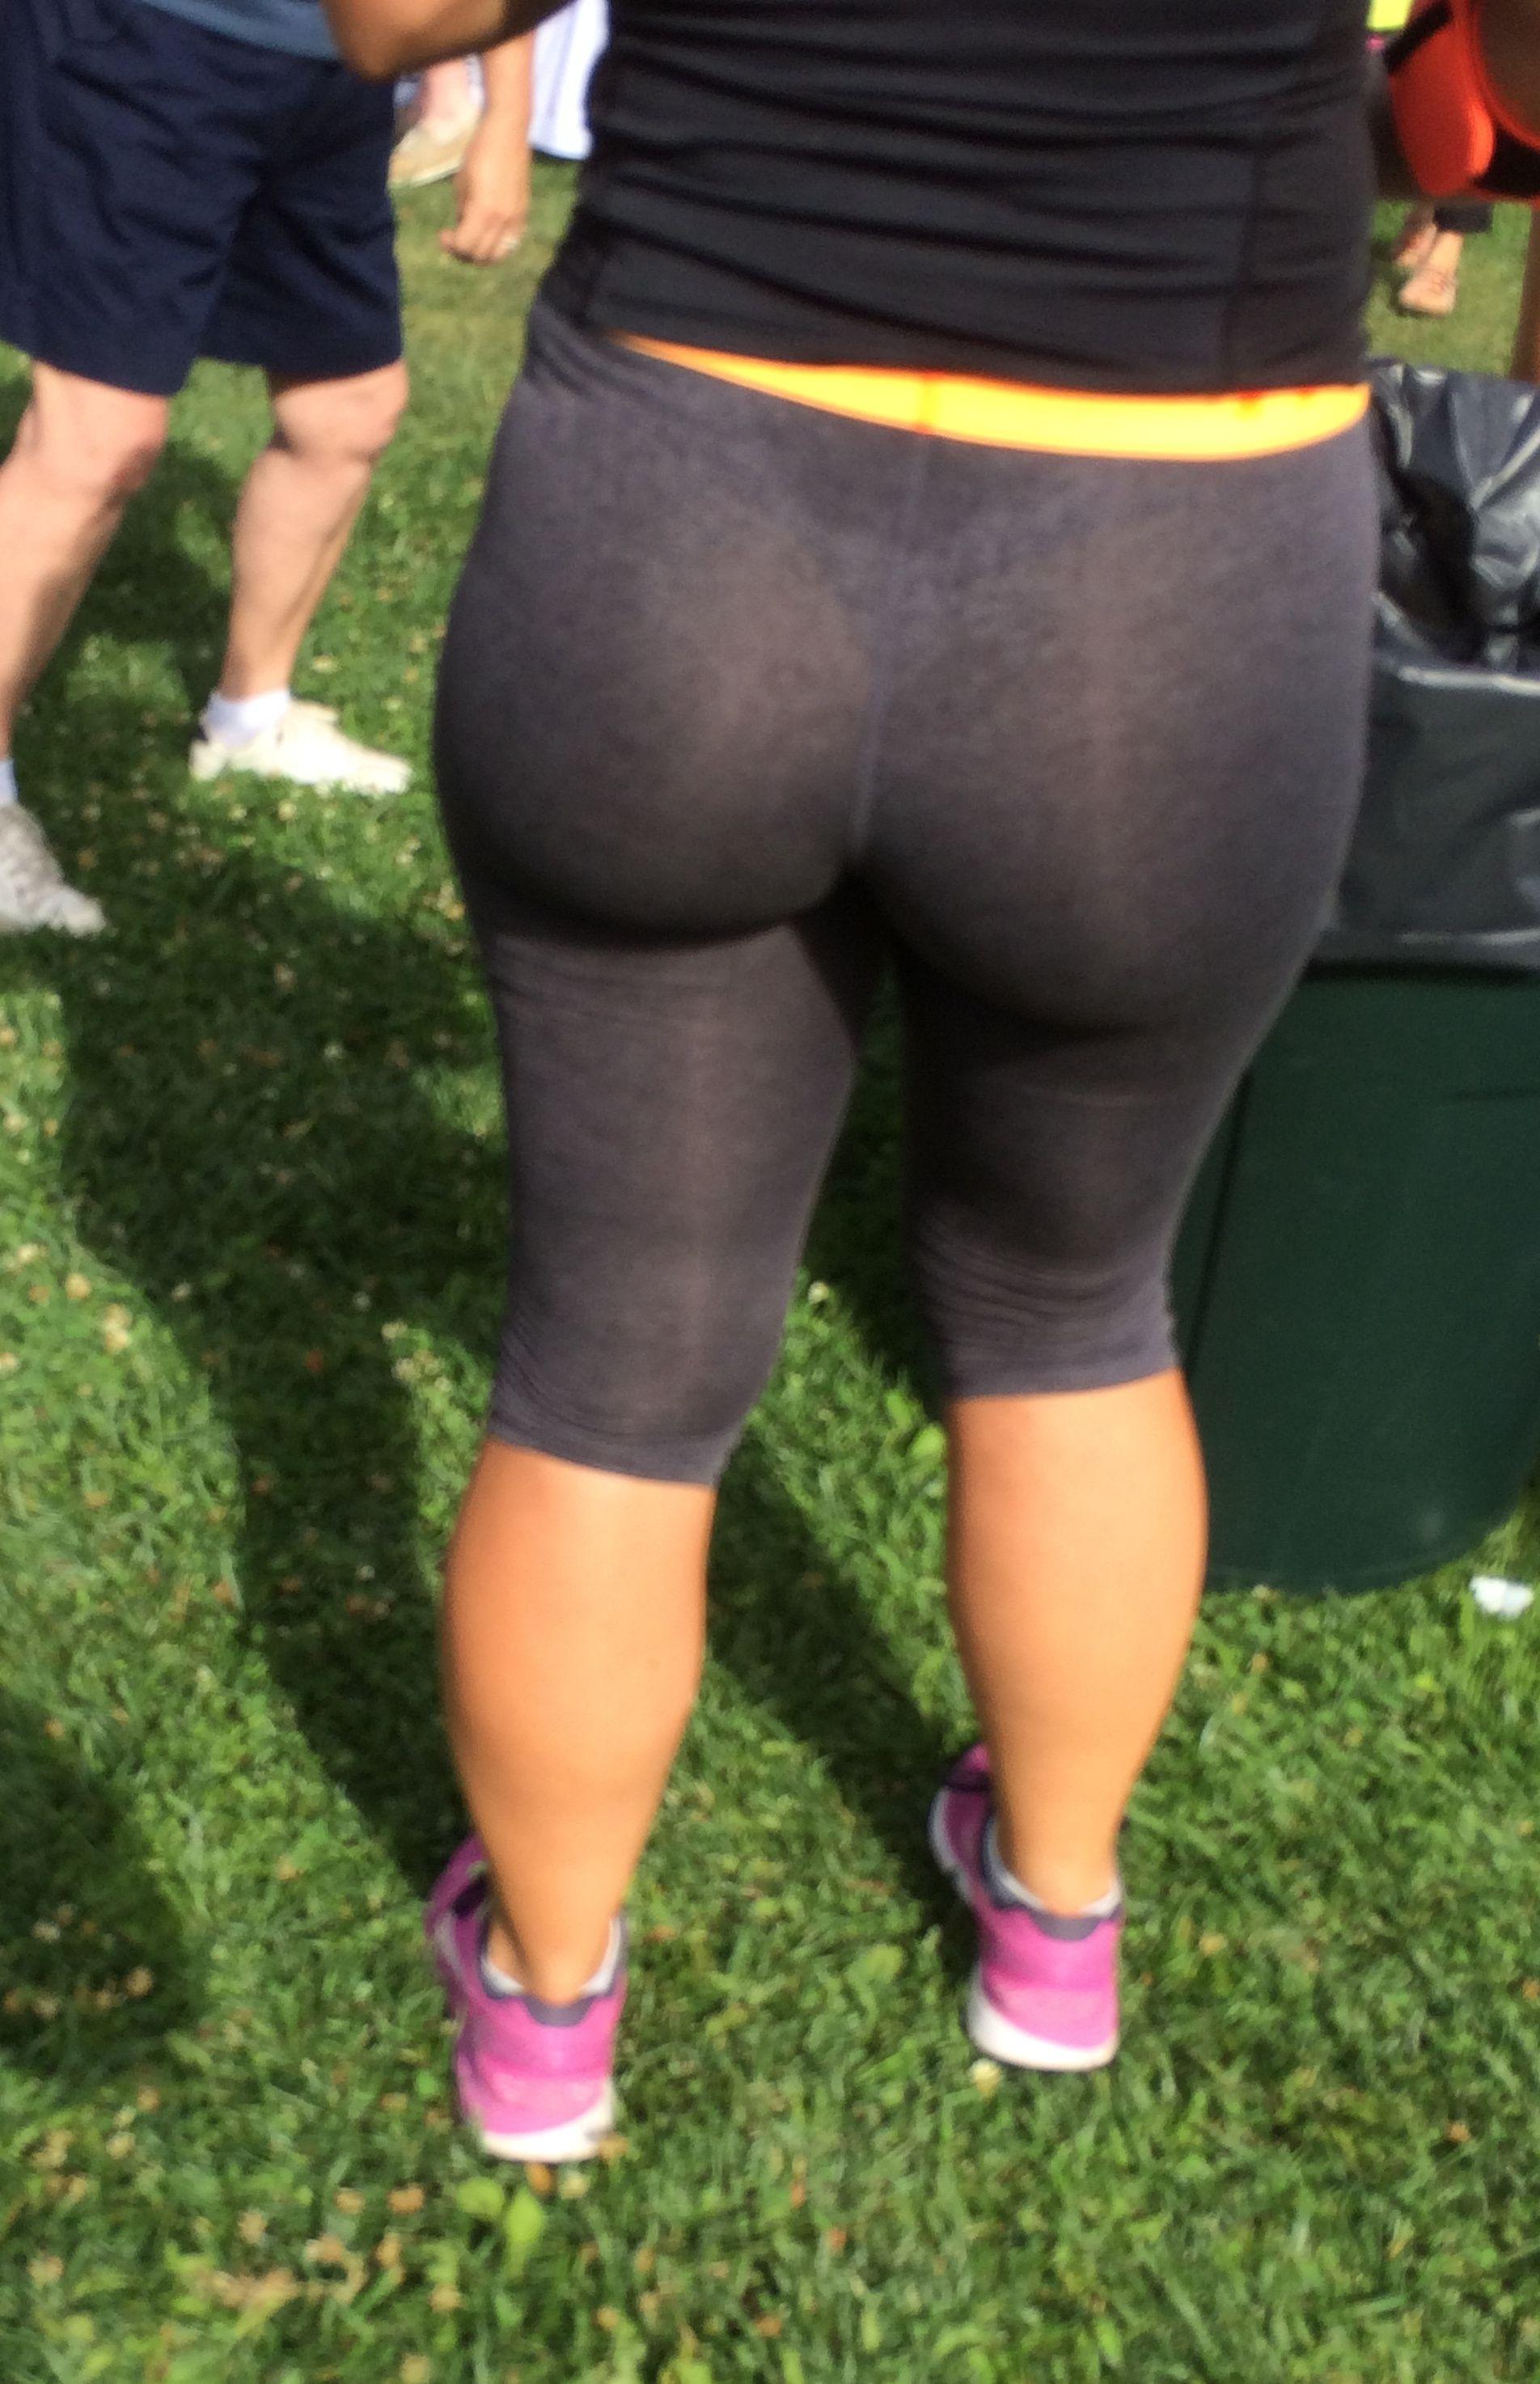 Ass candid pics